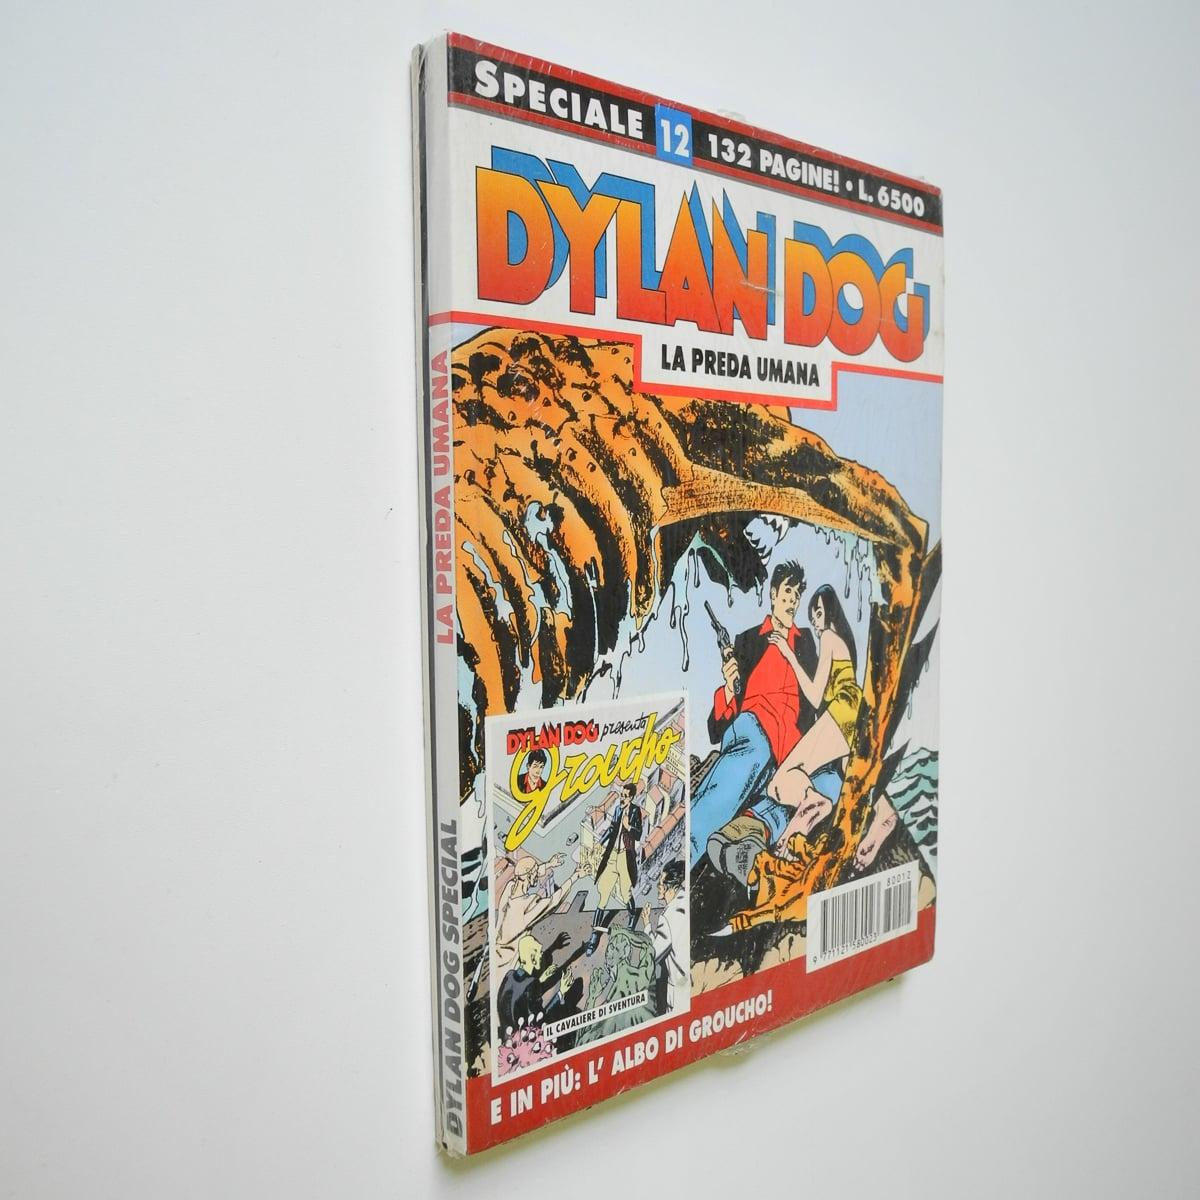 Dylan Dog speciale n. 12 con albetto blisterato originale